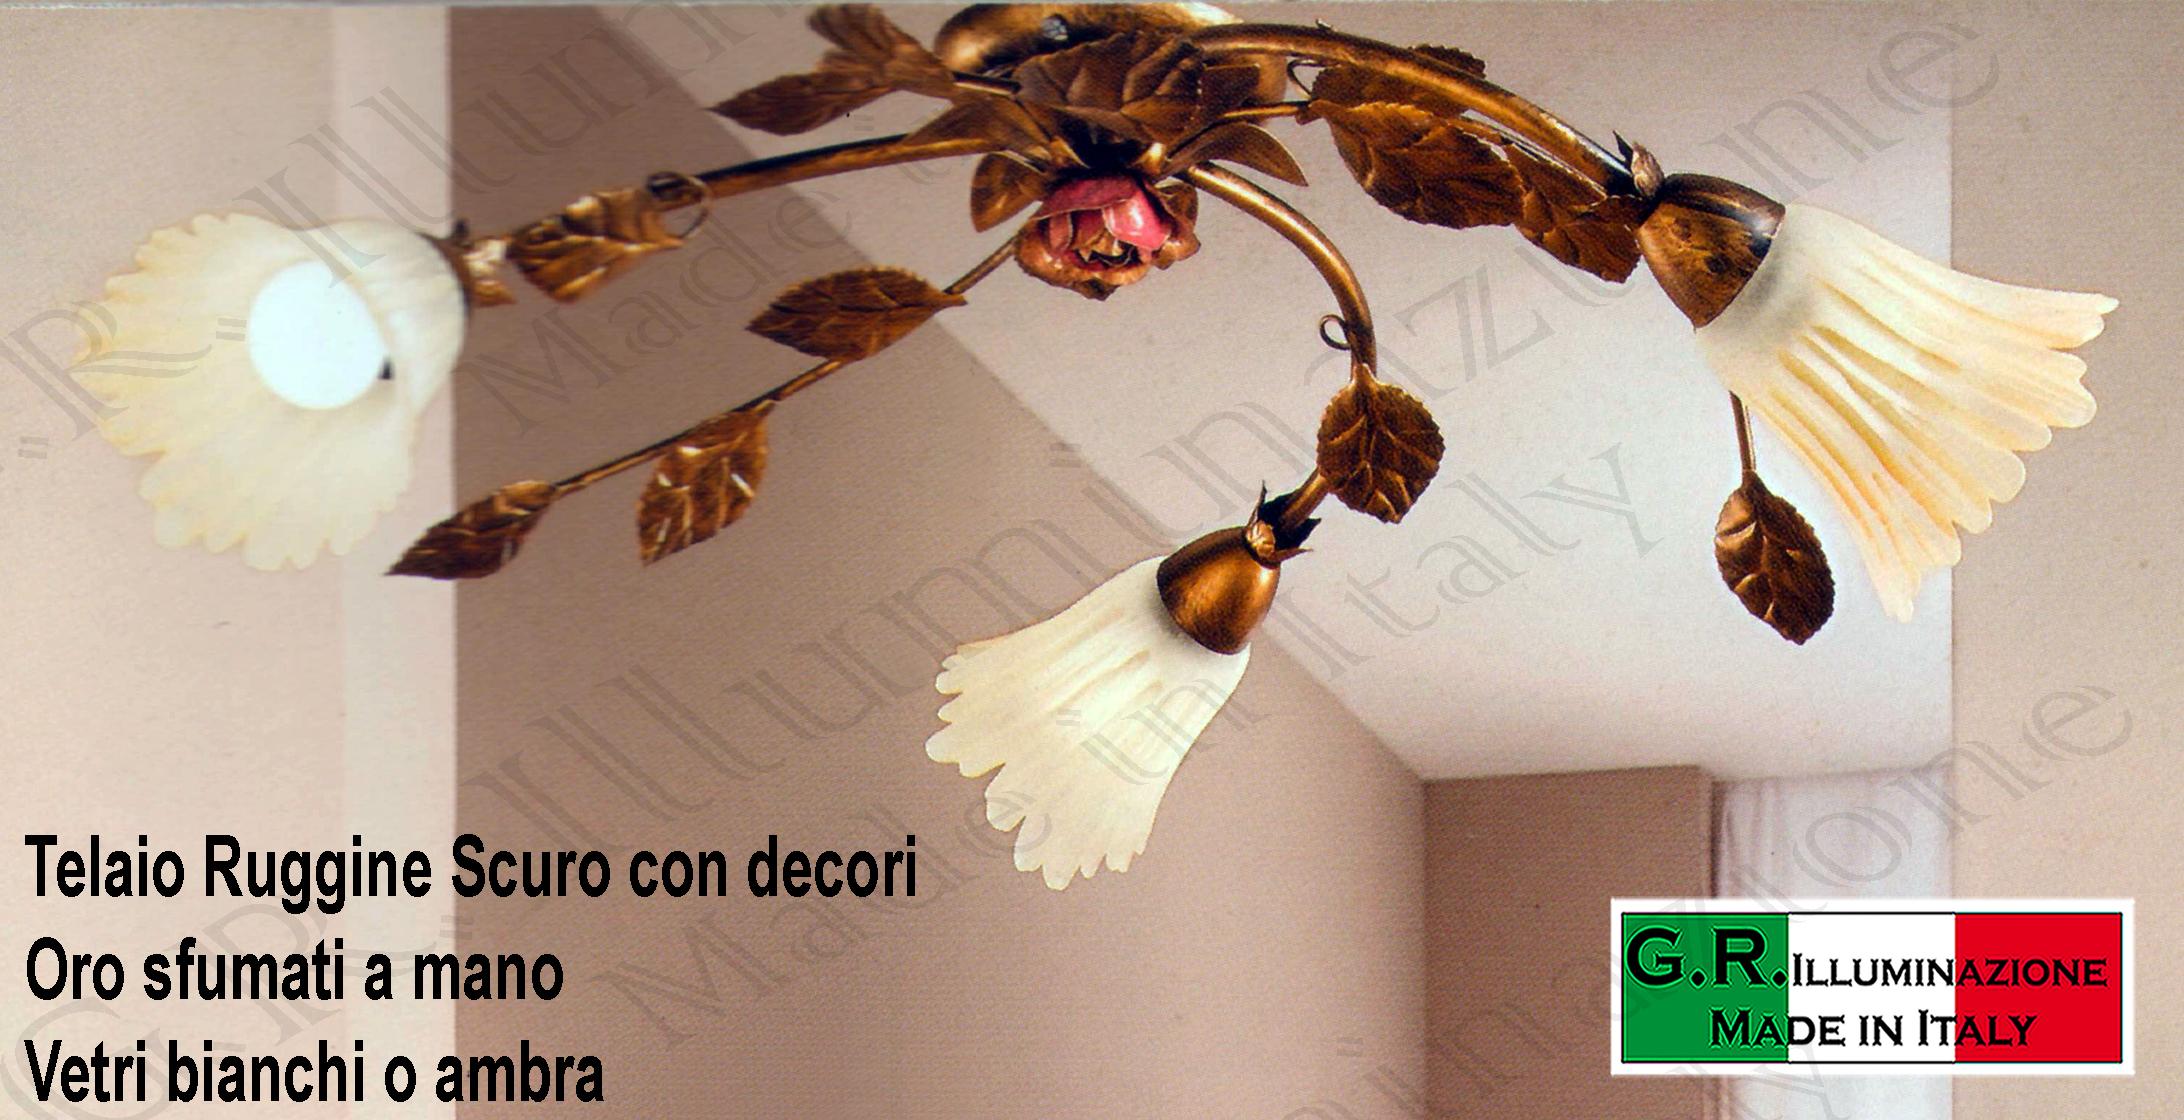 Lampadari Plafoniere Rosse : Lampadario plafoniera in ferro battuto luci ruggine oro cucina